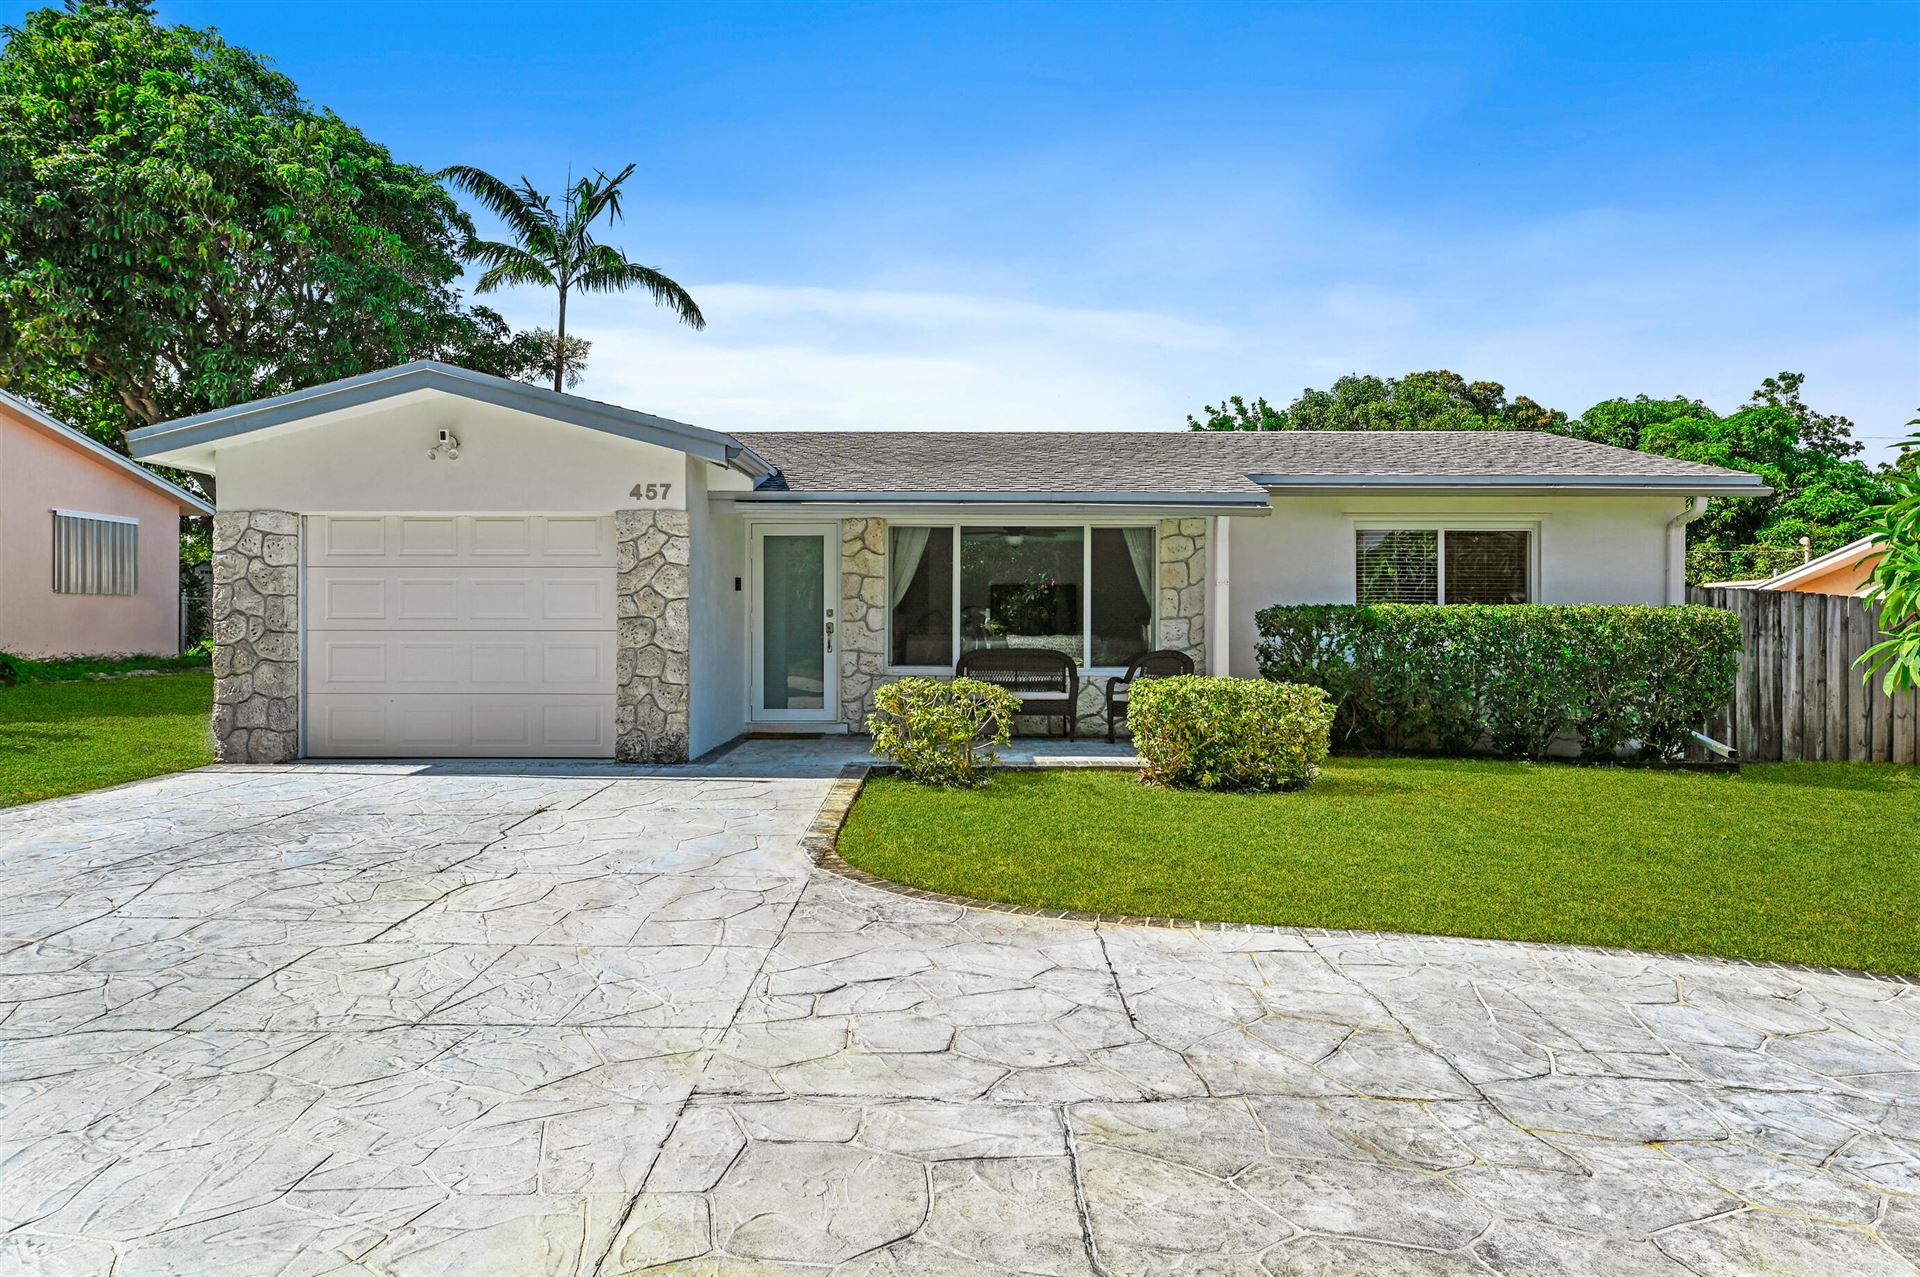 457 SW 4th Avenue, Boynton Beach, FL 33435 - MLS#: RX-10731851